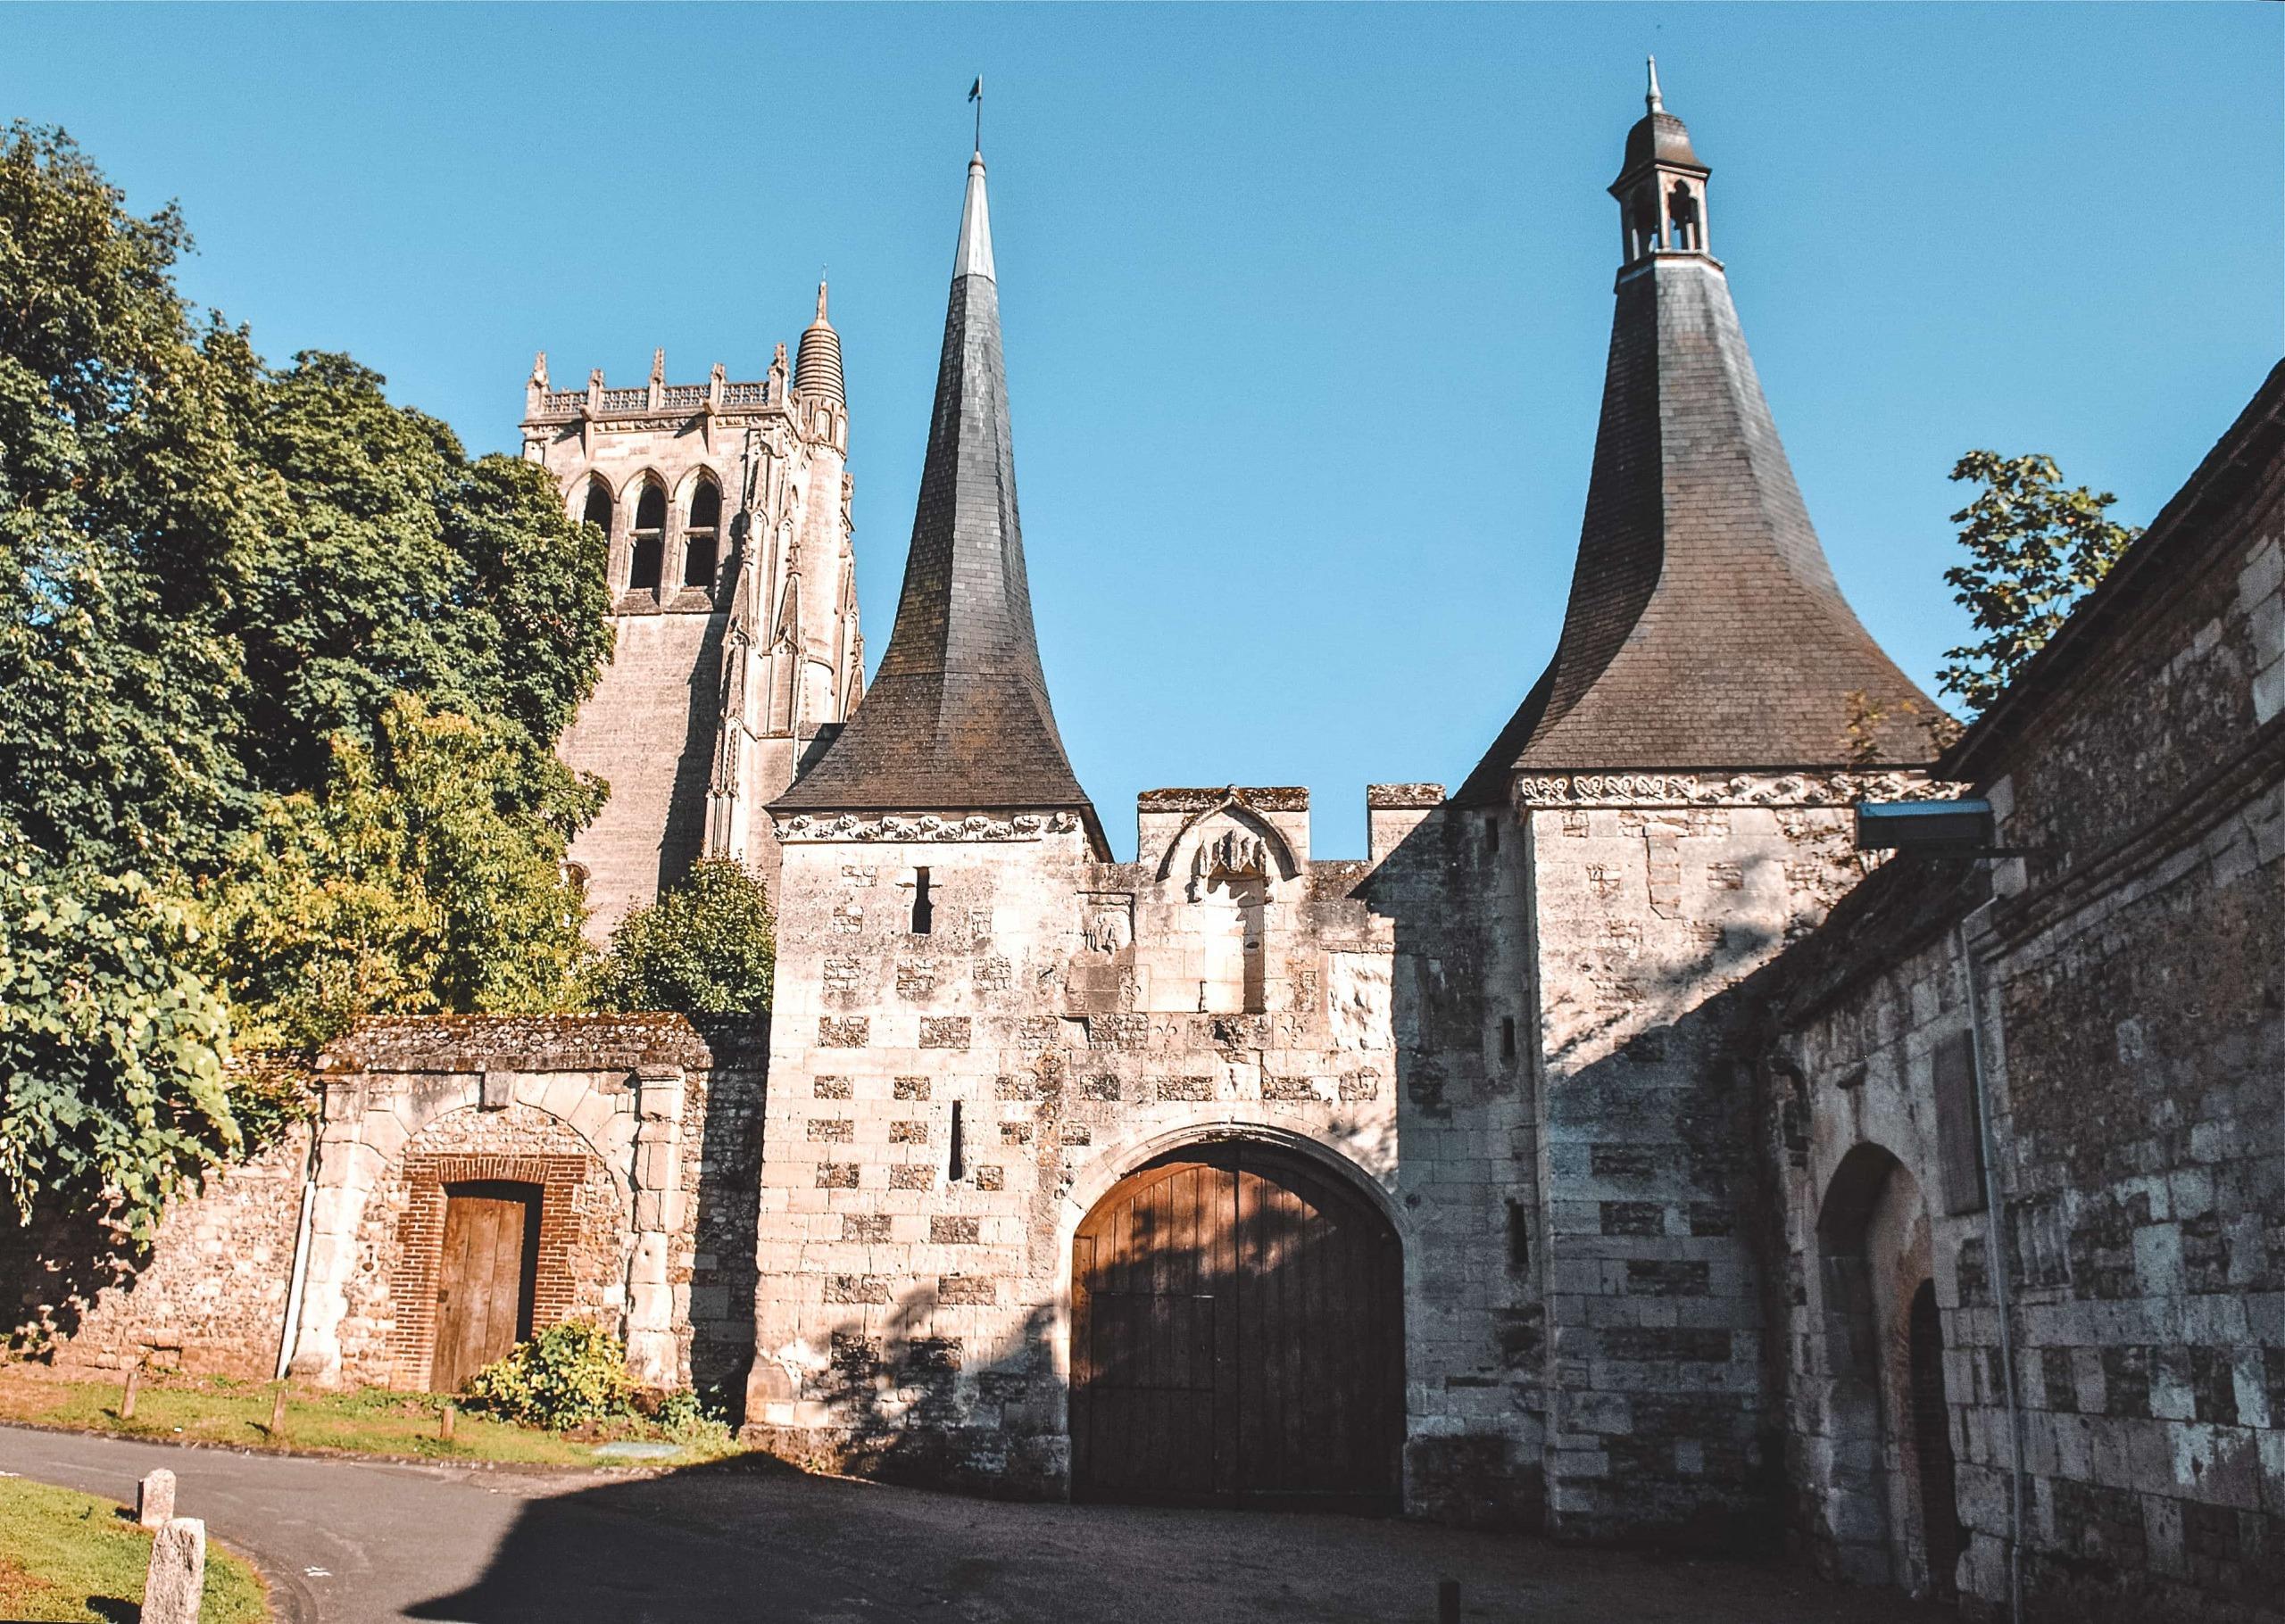 Bec Hellouin (Normandie)